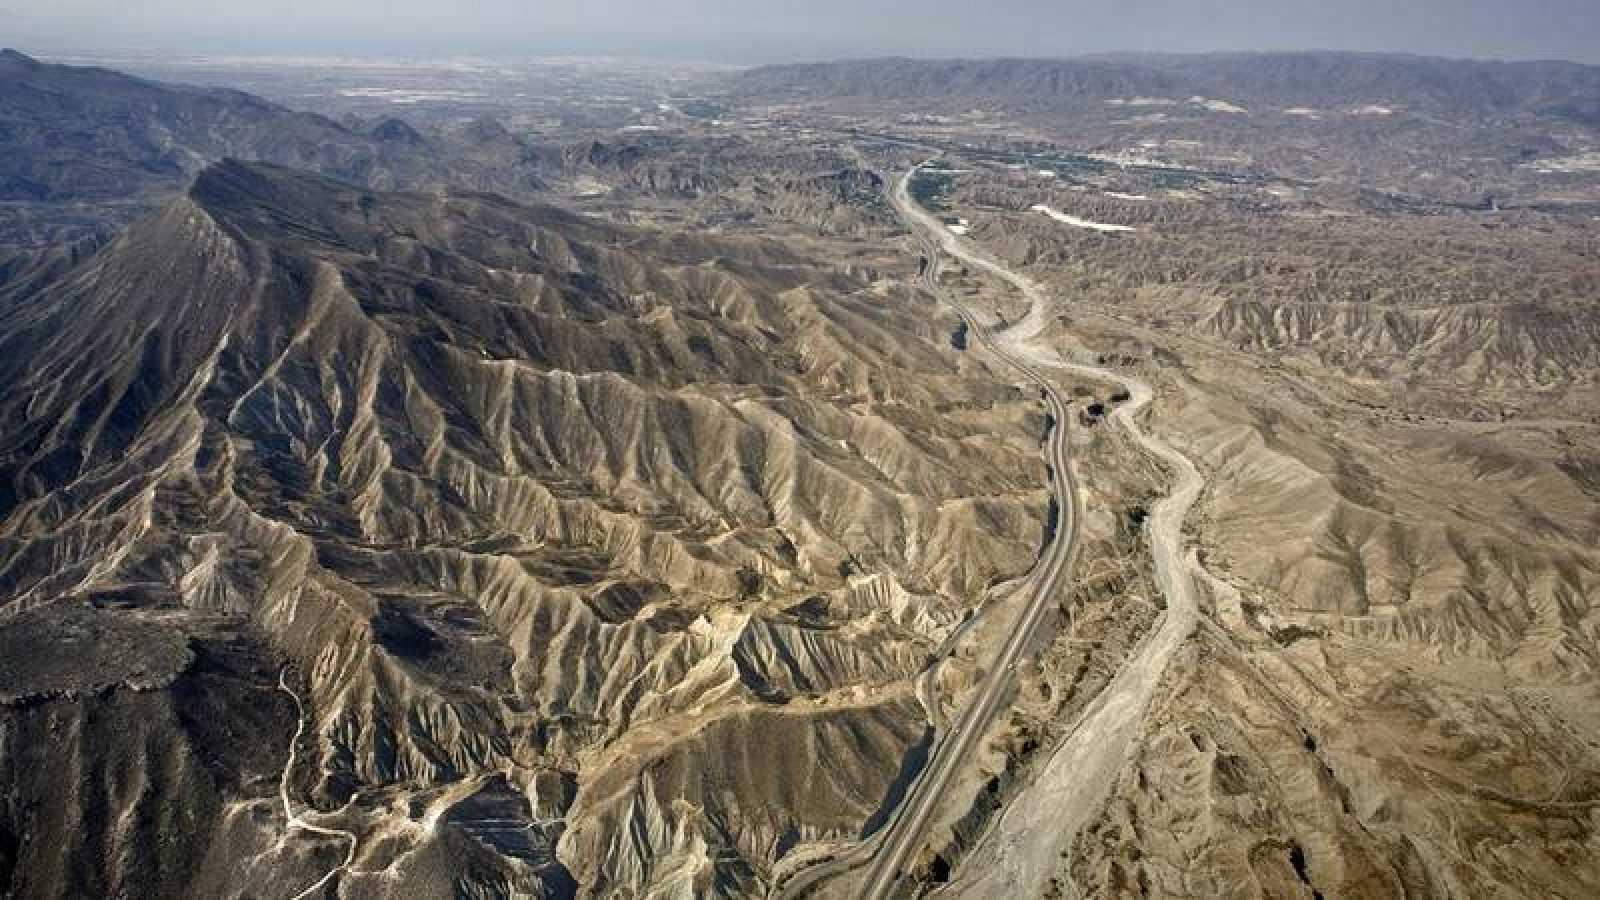 Vista aérea del desierto de Tabernas (Almería).